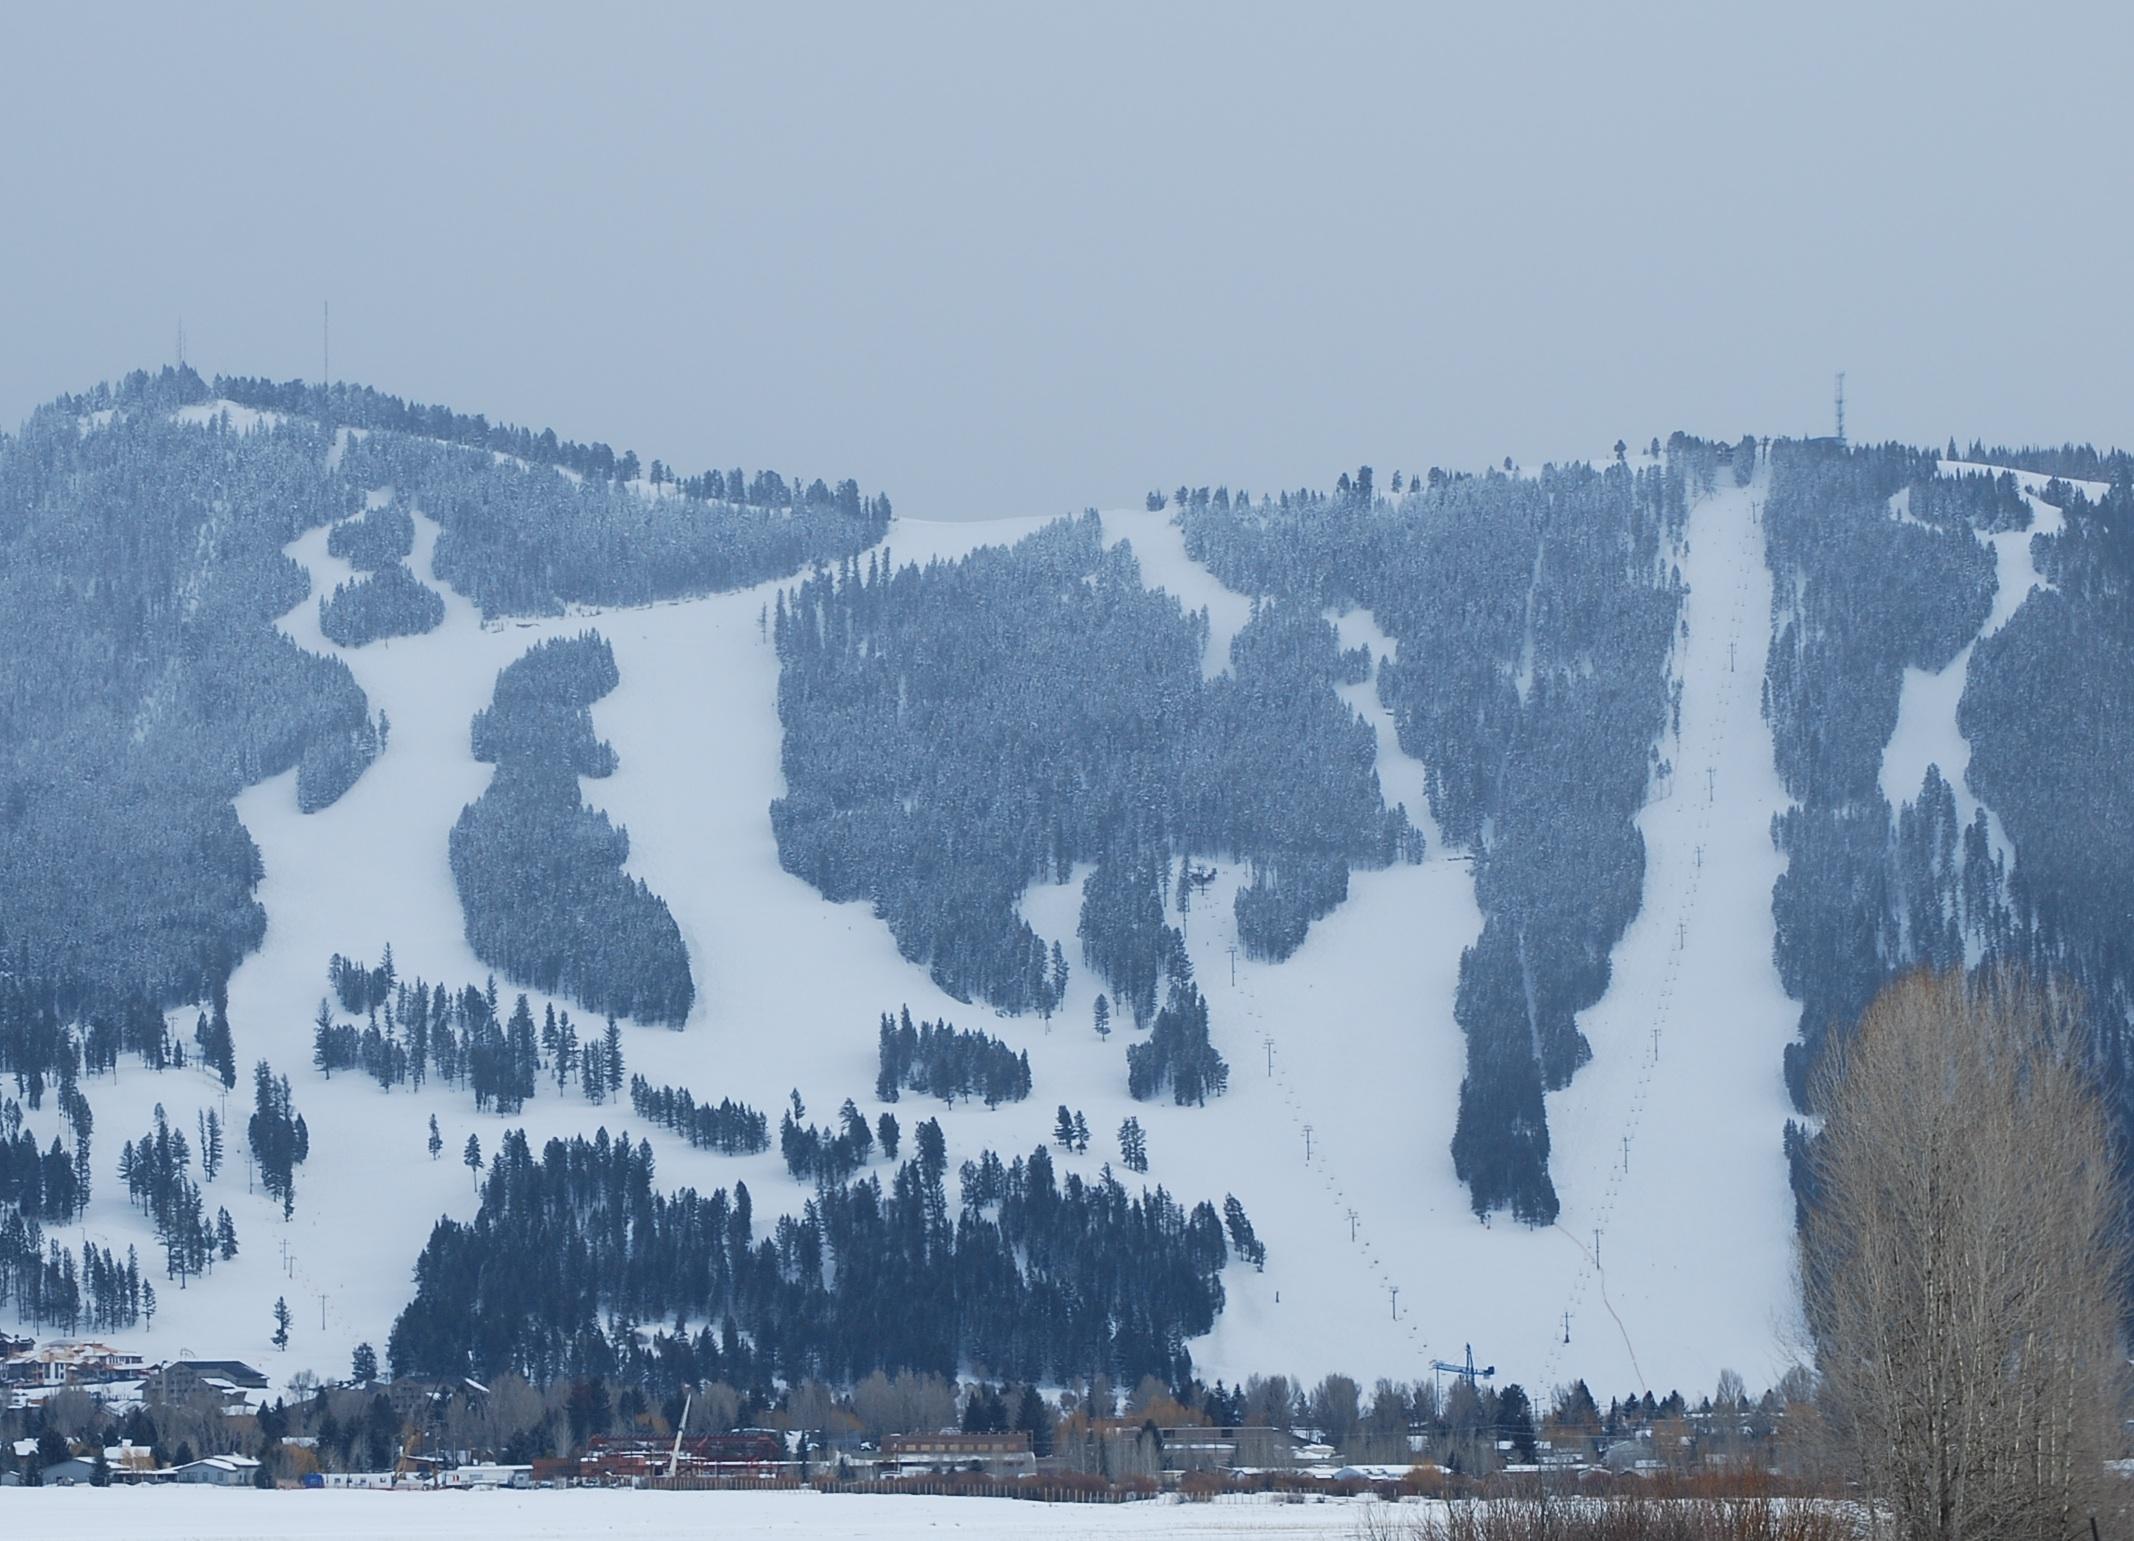 snow king mountain - wikipedia